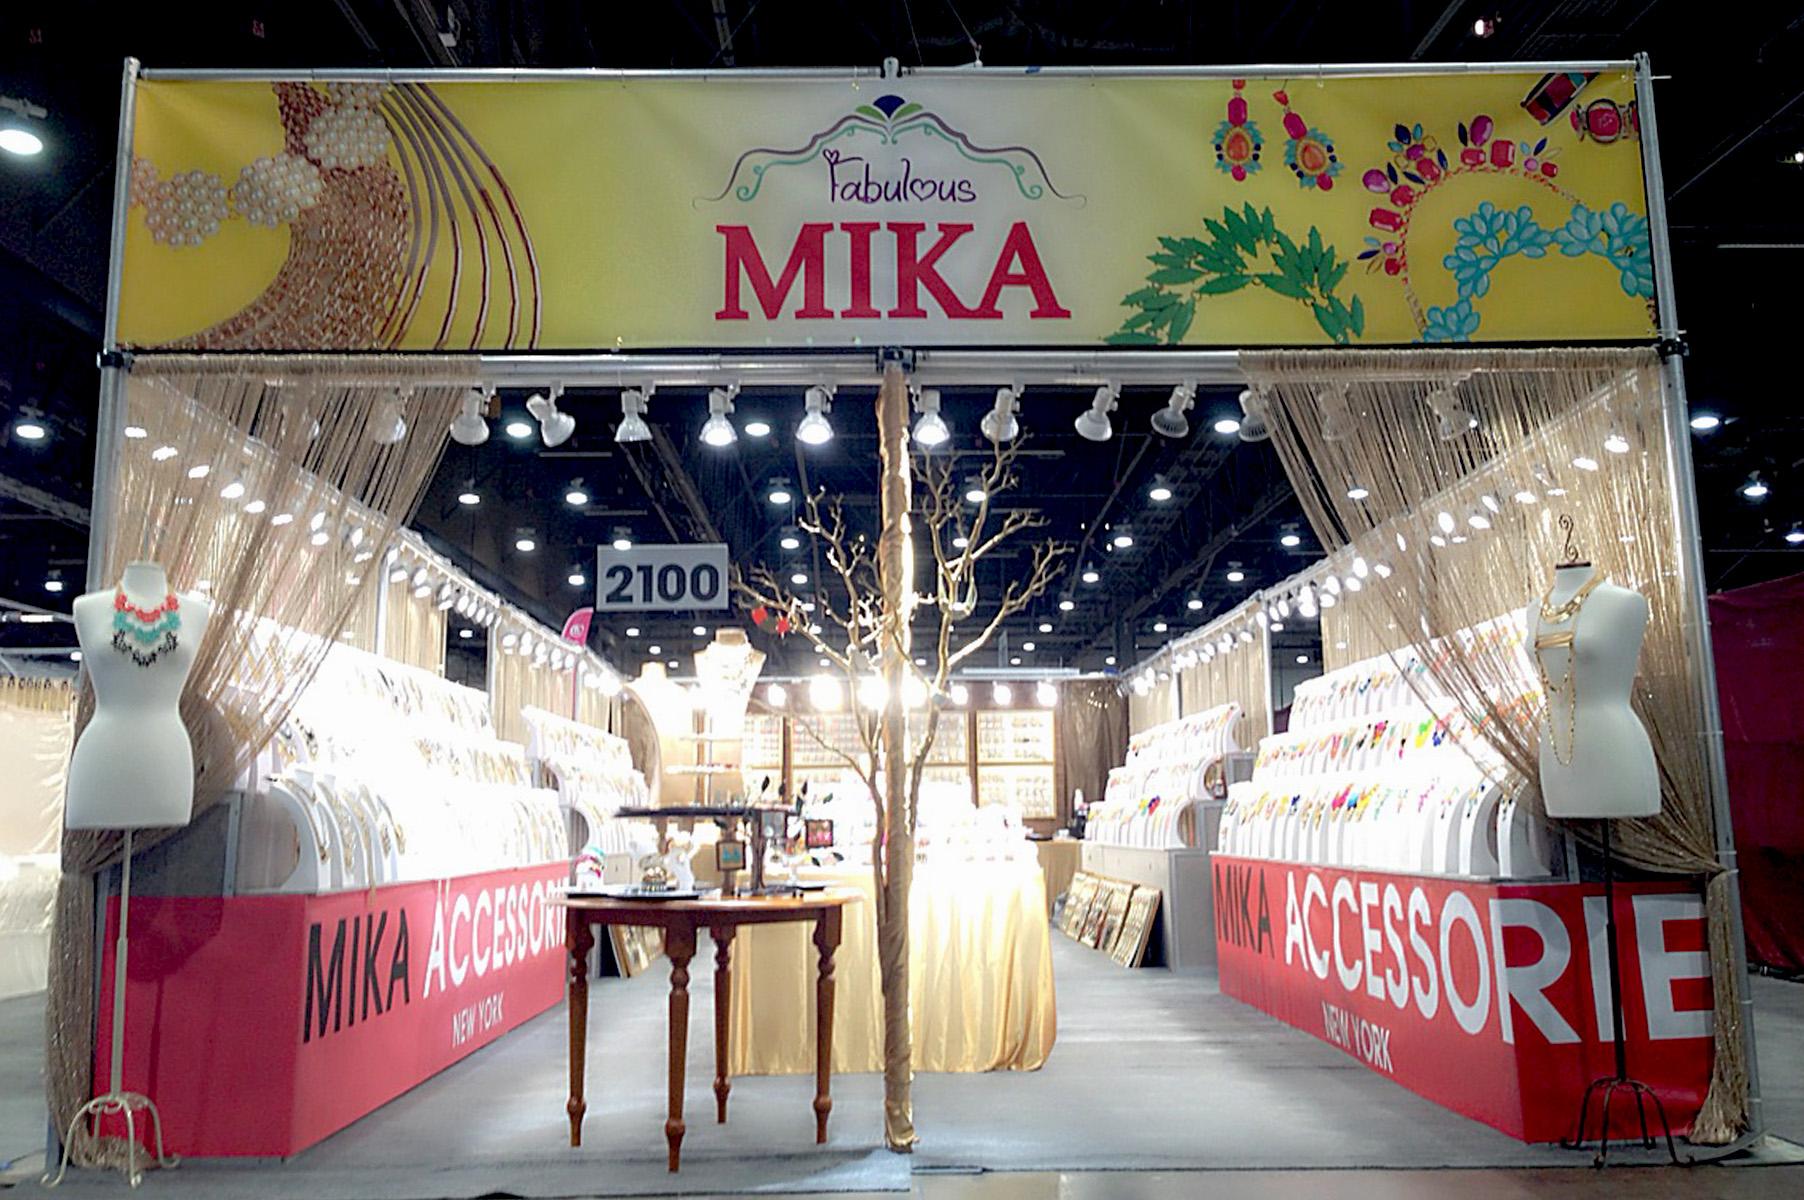 ASD SHOW MARCH 2014 MIKA ACCESSORIES